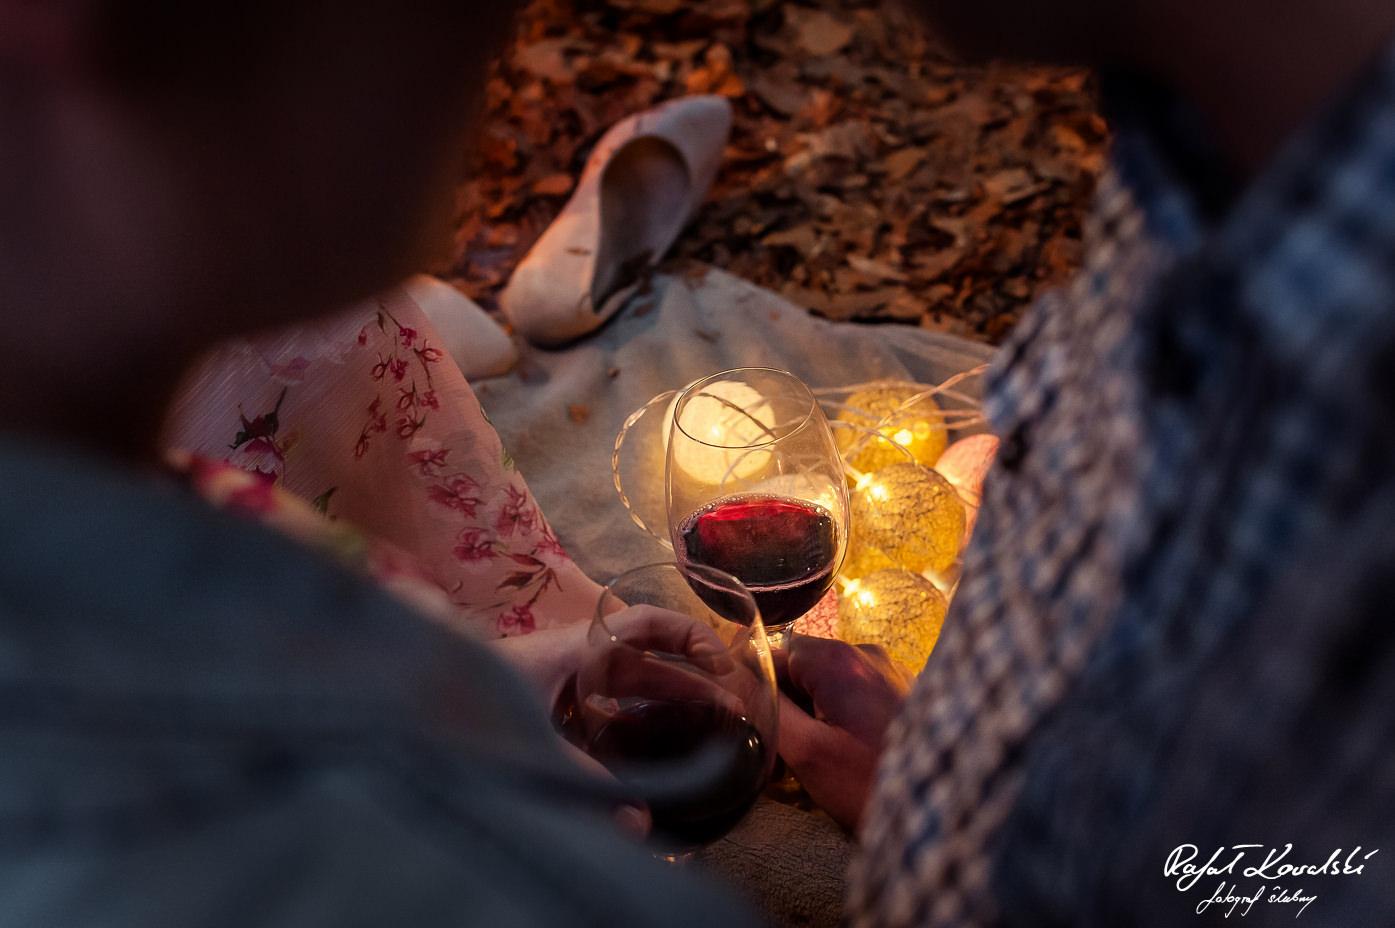 czerwone wino doskonale podkreślało romantyczna atmosferę sesji zdjęciowej